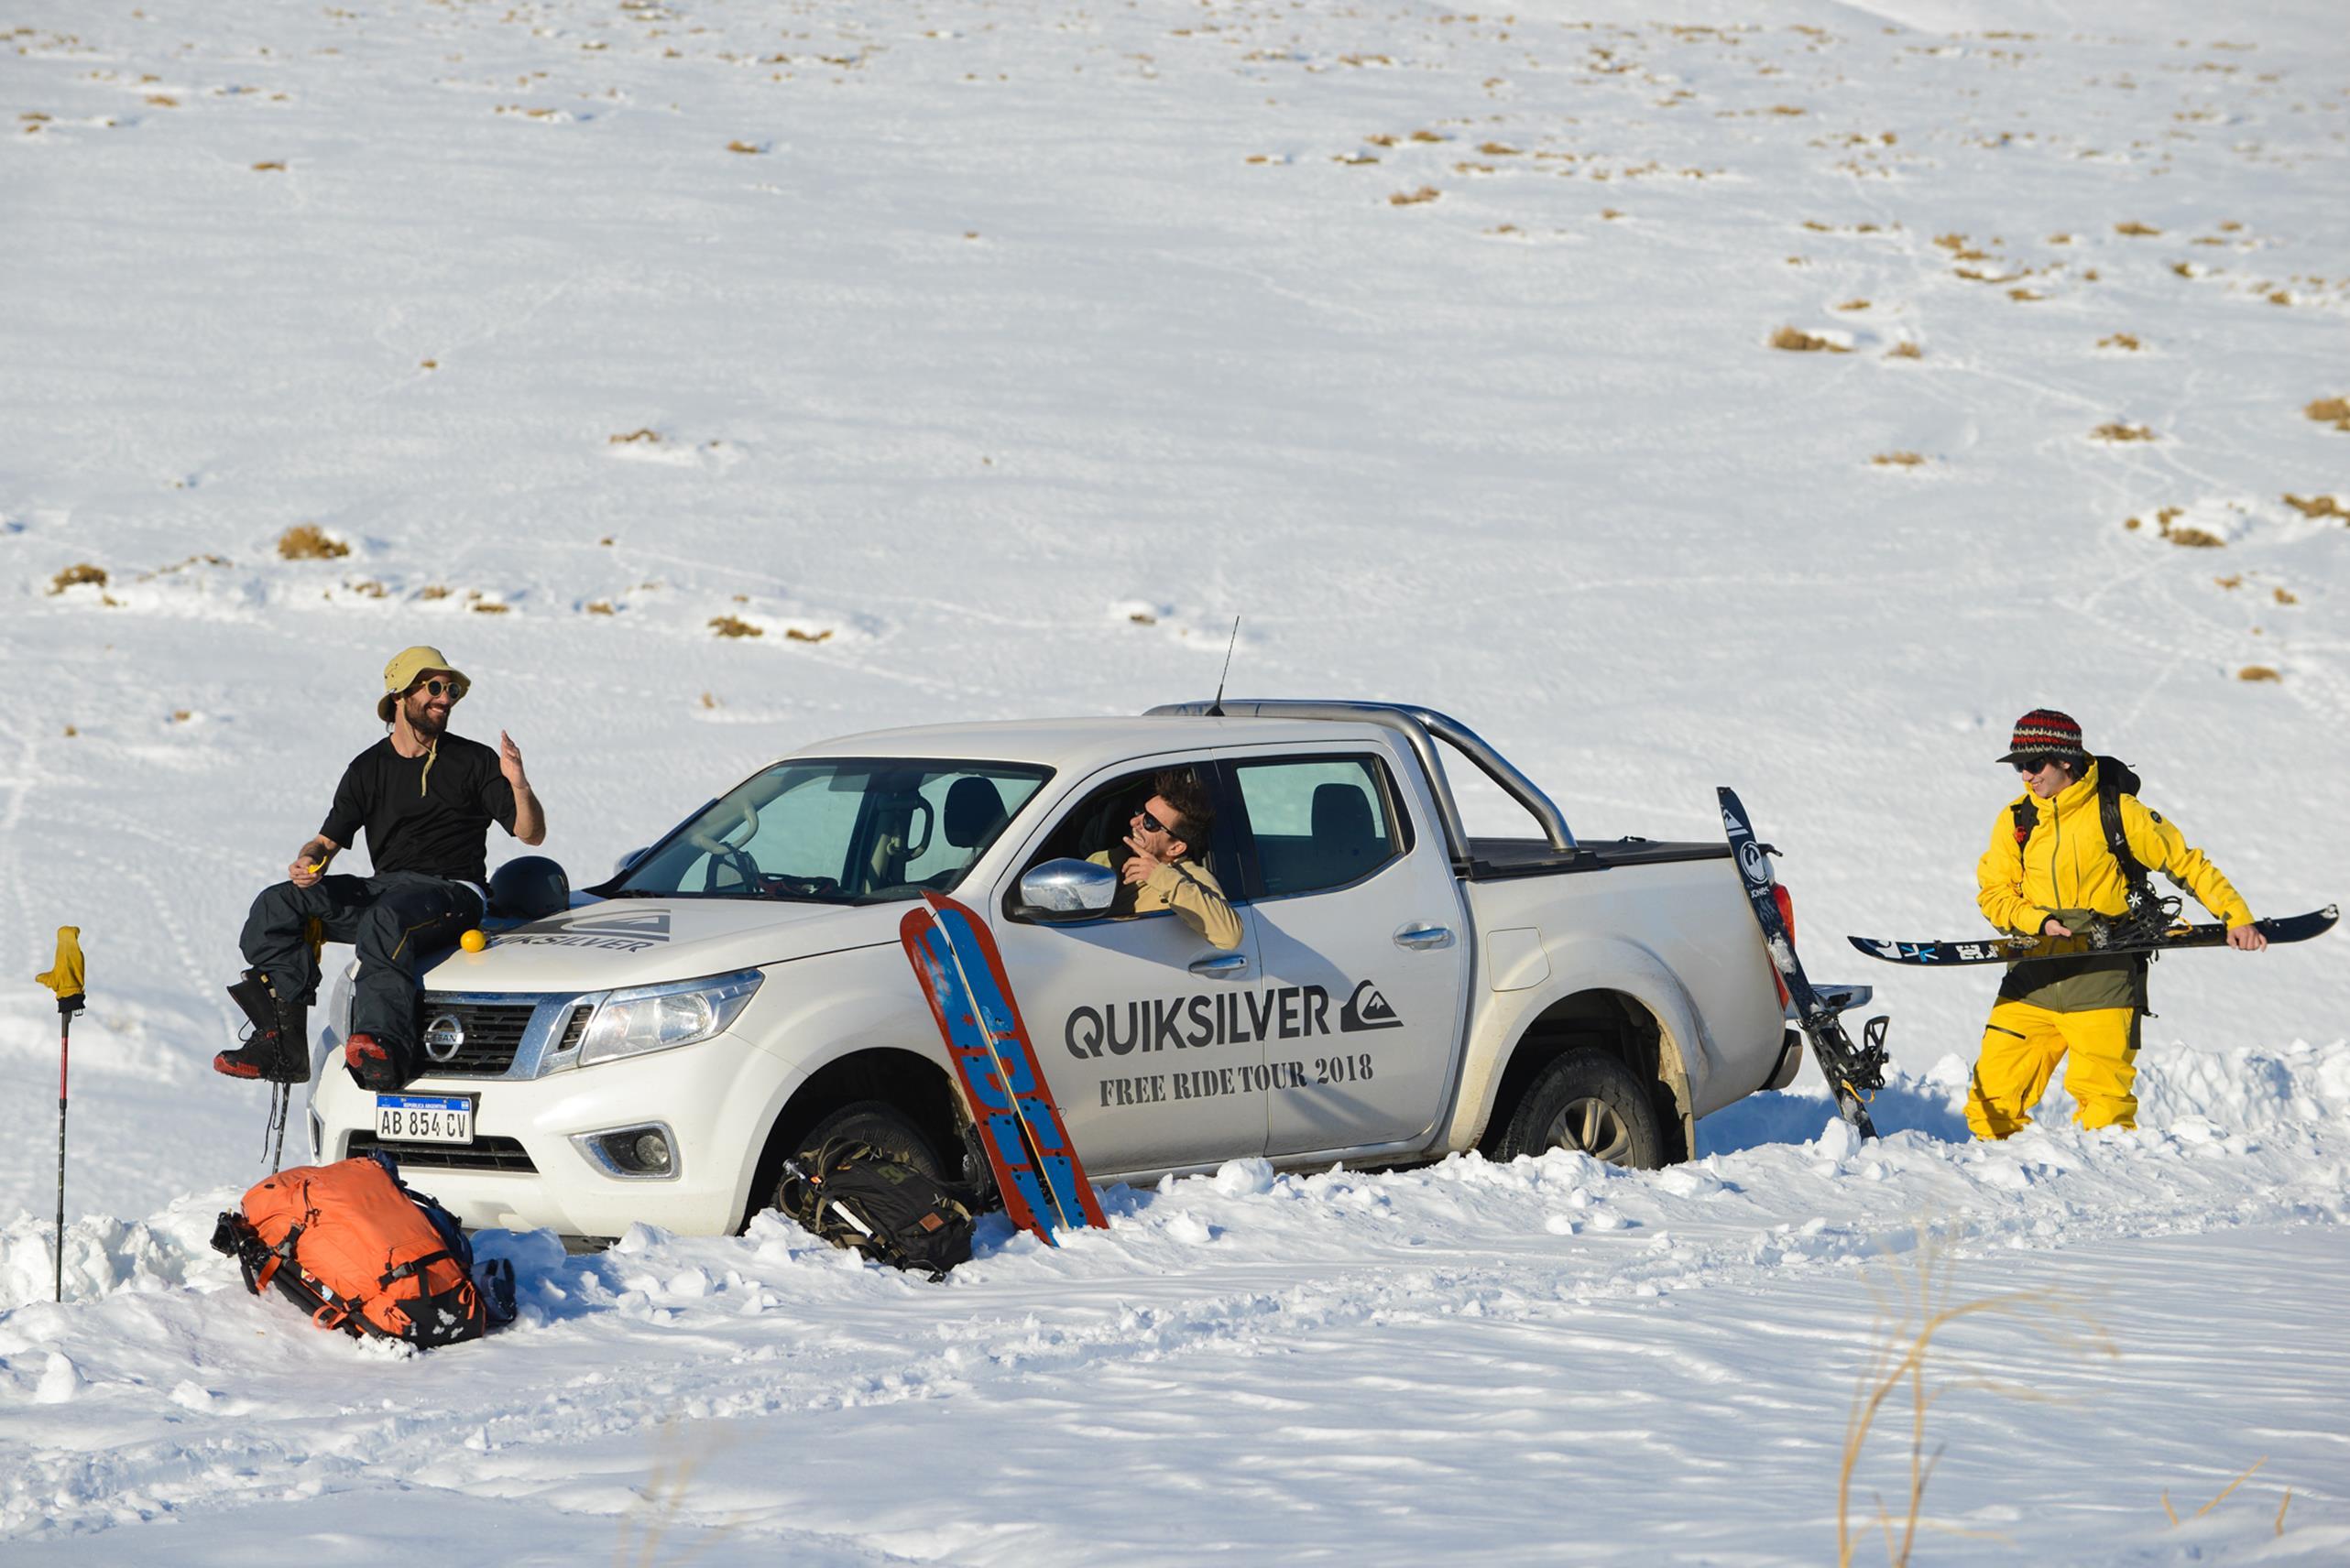 Travesía única en nieve: se deslizaron por calles, techos, cerros y hasta un volcán